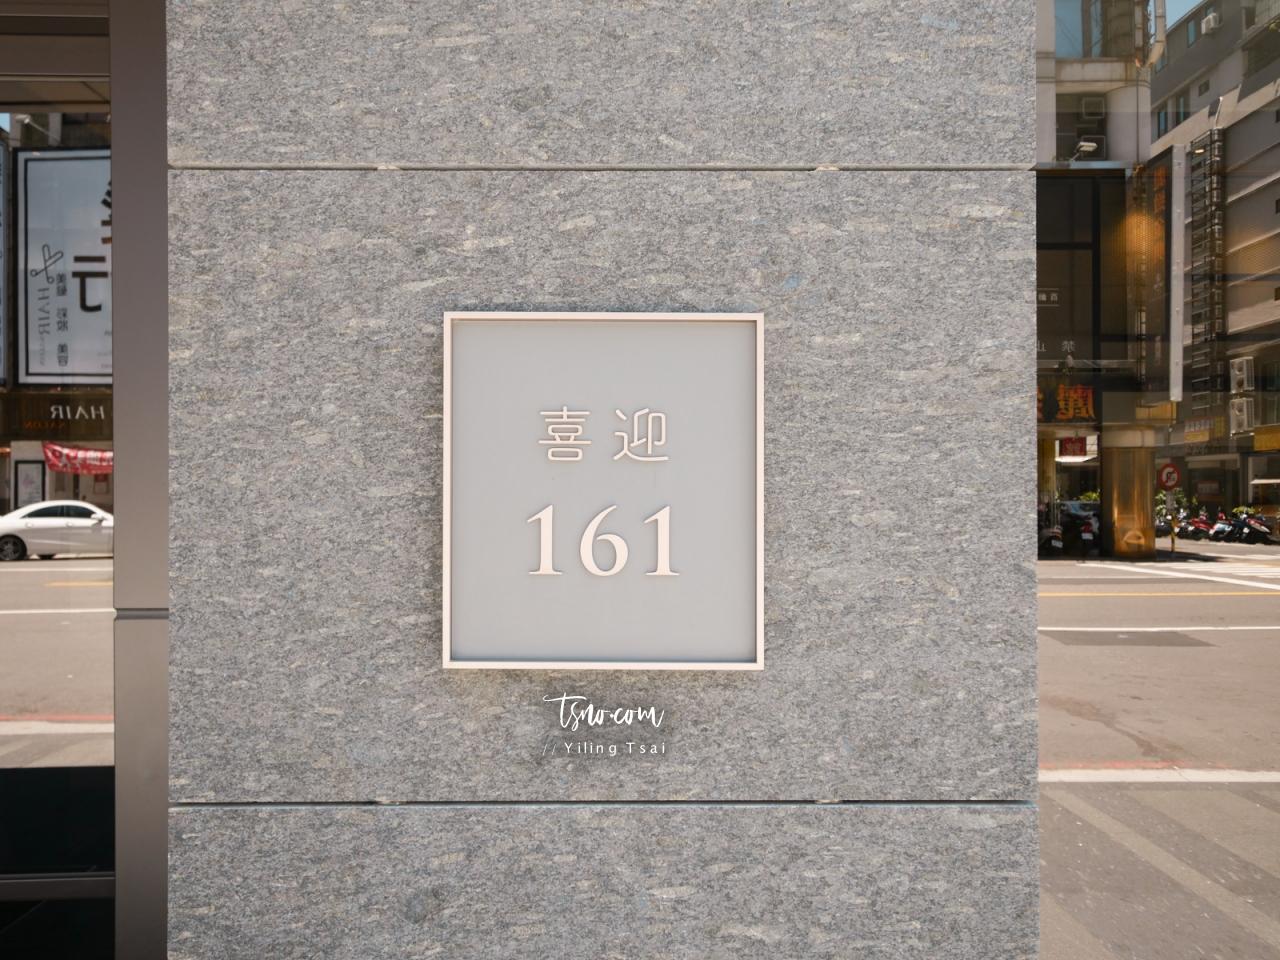 高雄飯店推薦 Greet Inn 喜迎旅店 市議會站質感設計平價飯店